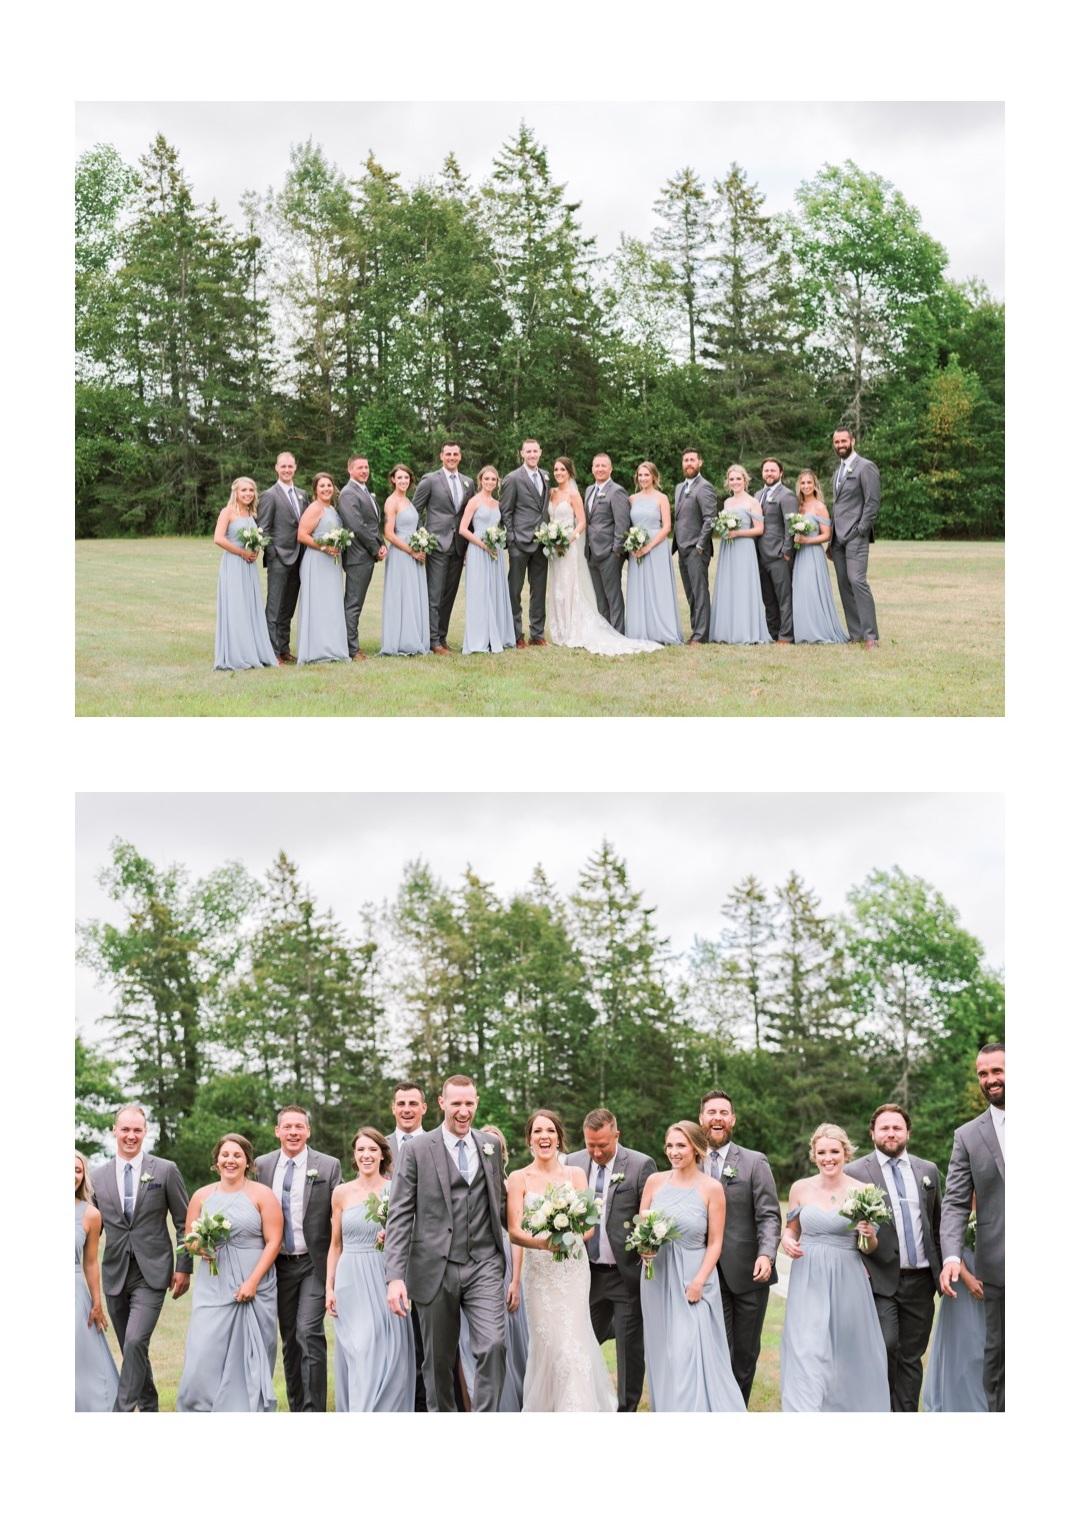 Megan+%26+Beau%3A+Wedding+Day+Previews+%7C+Nova+Scotia+Wedding+Photographer